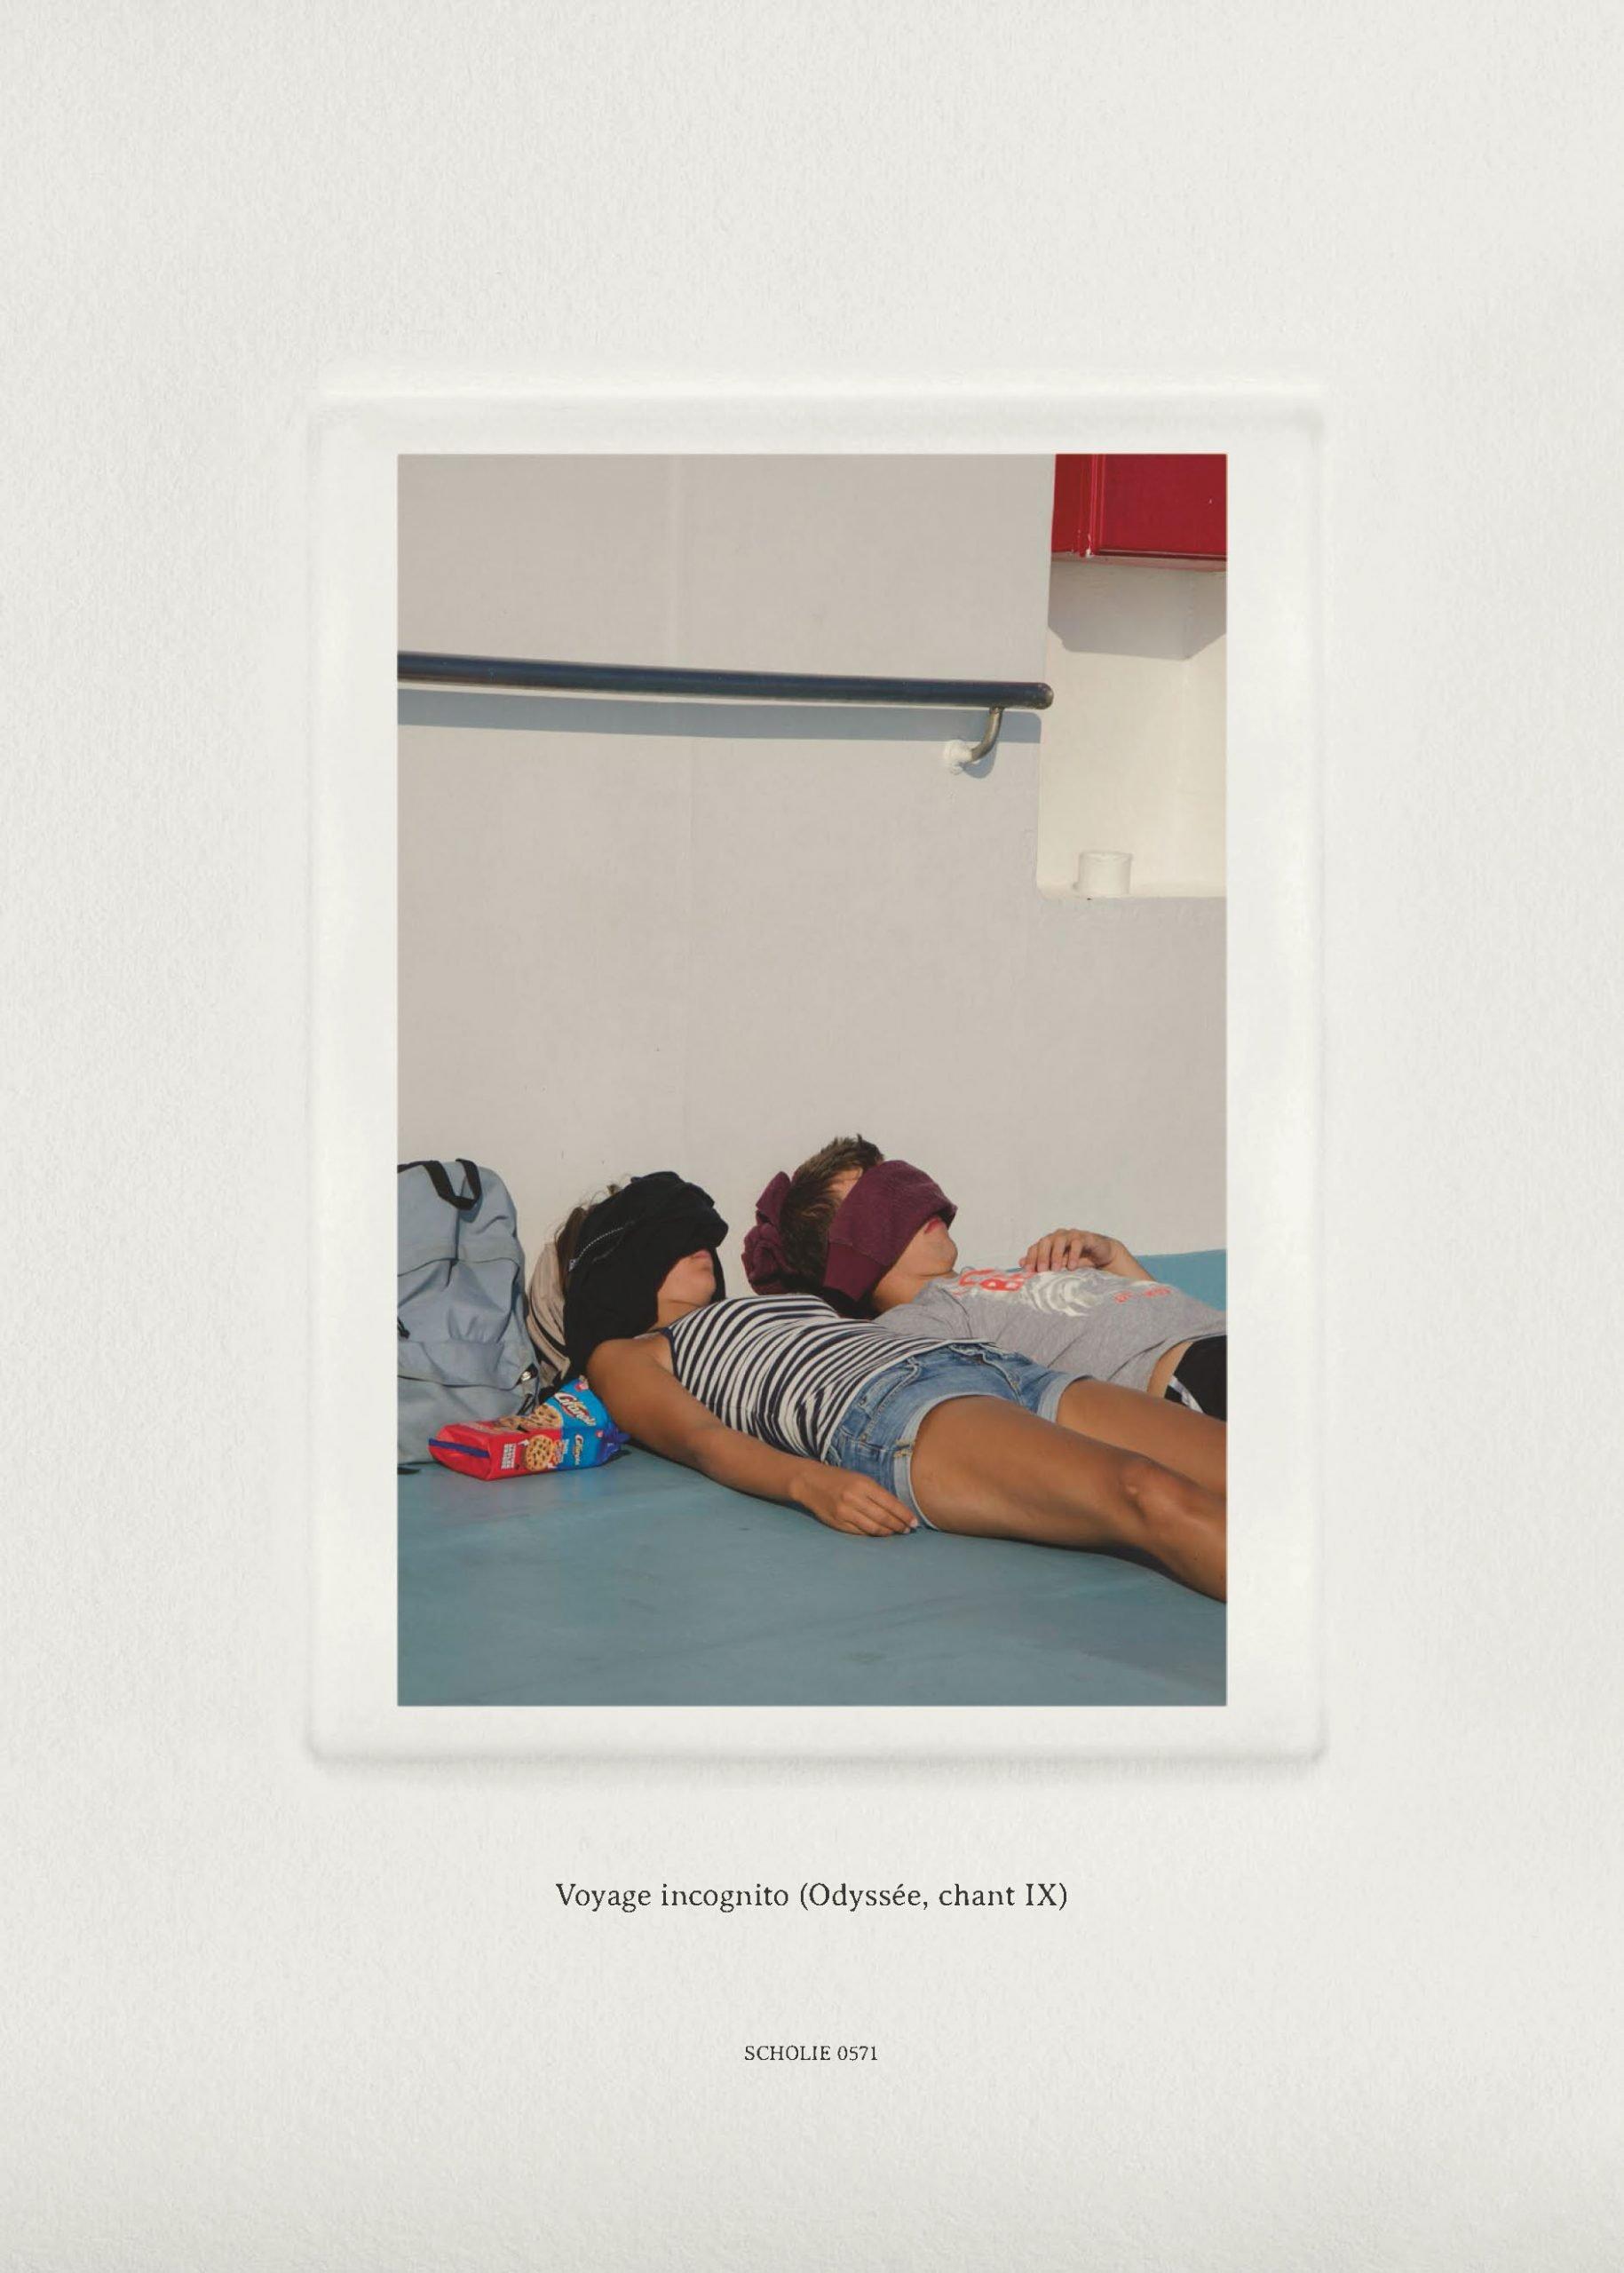 Voyage Incognito (Odyssée, Chant IX)  Scholie 0571